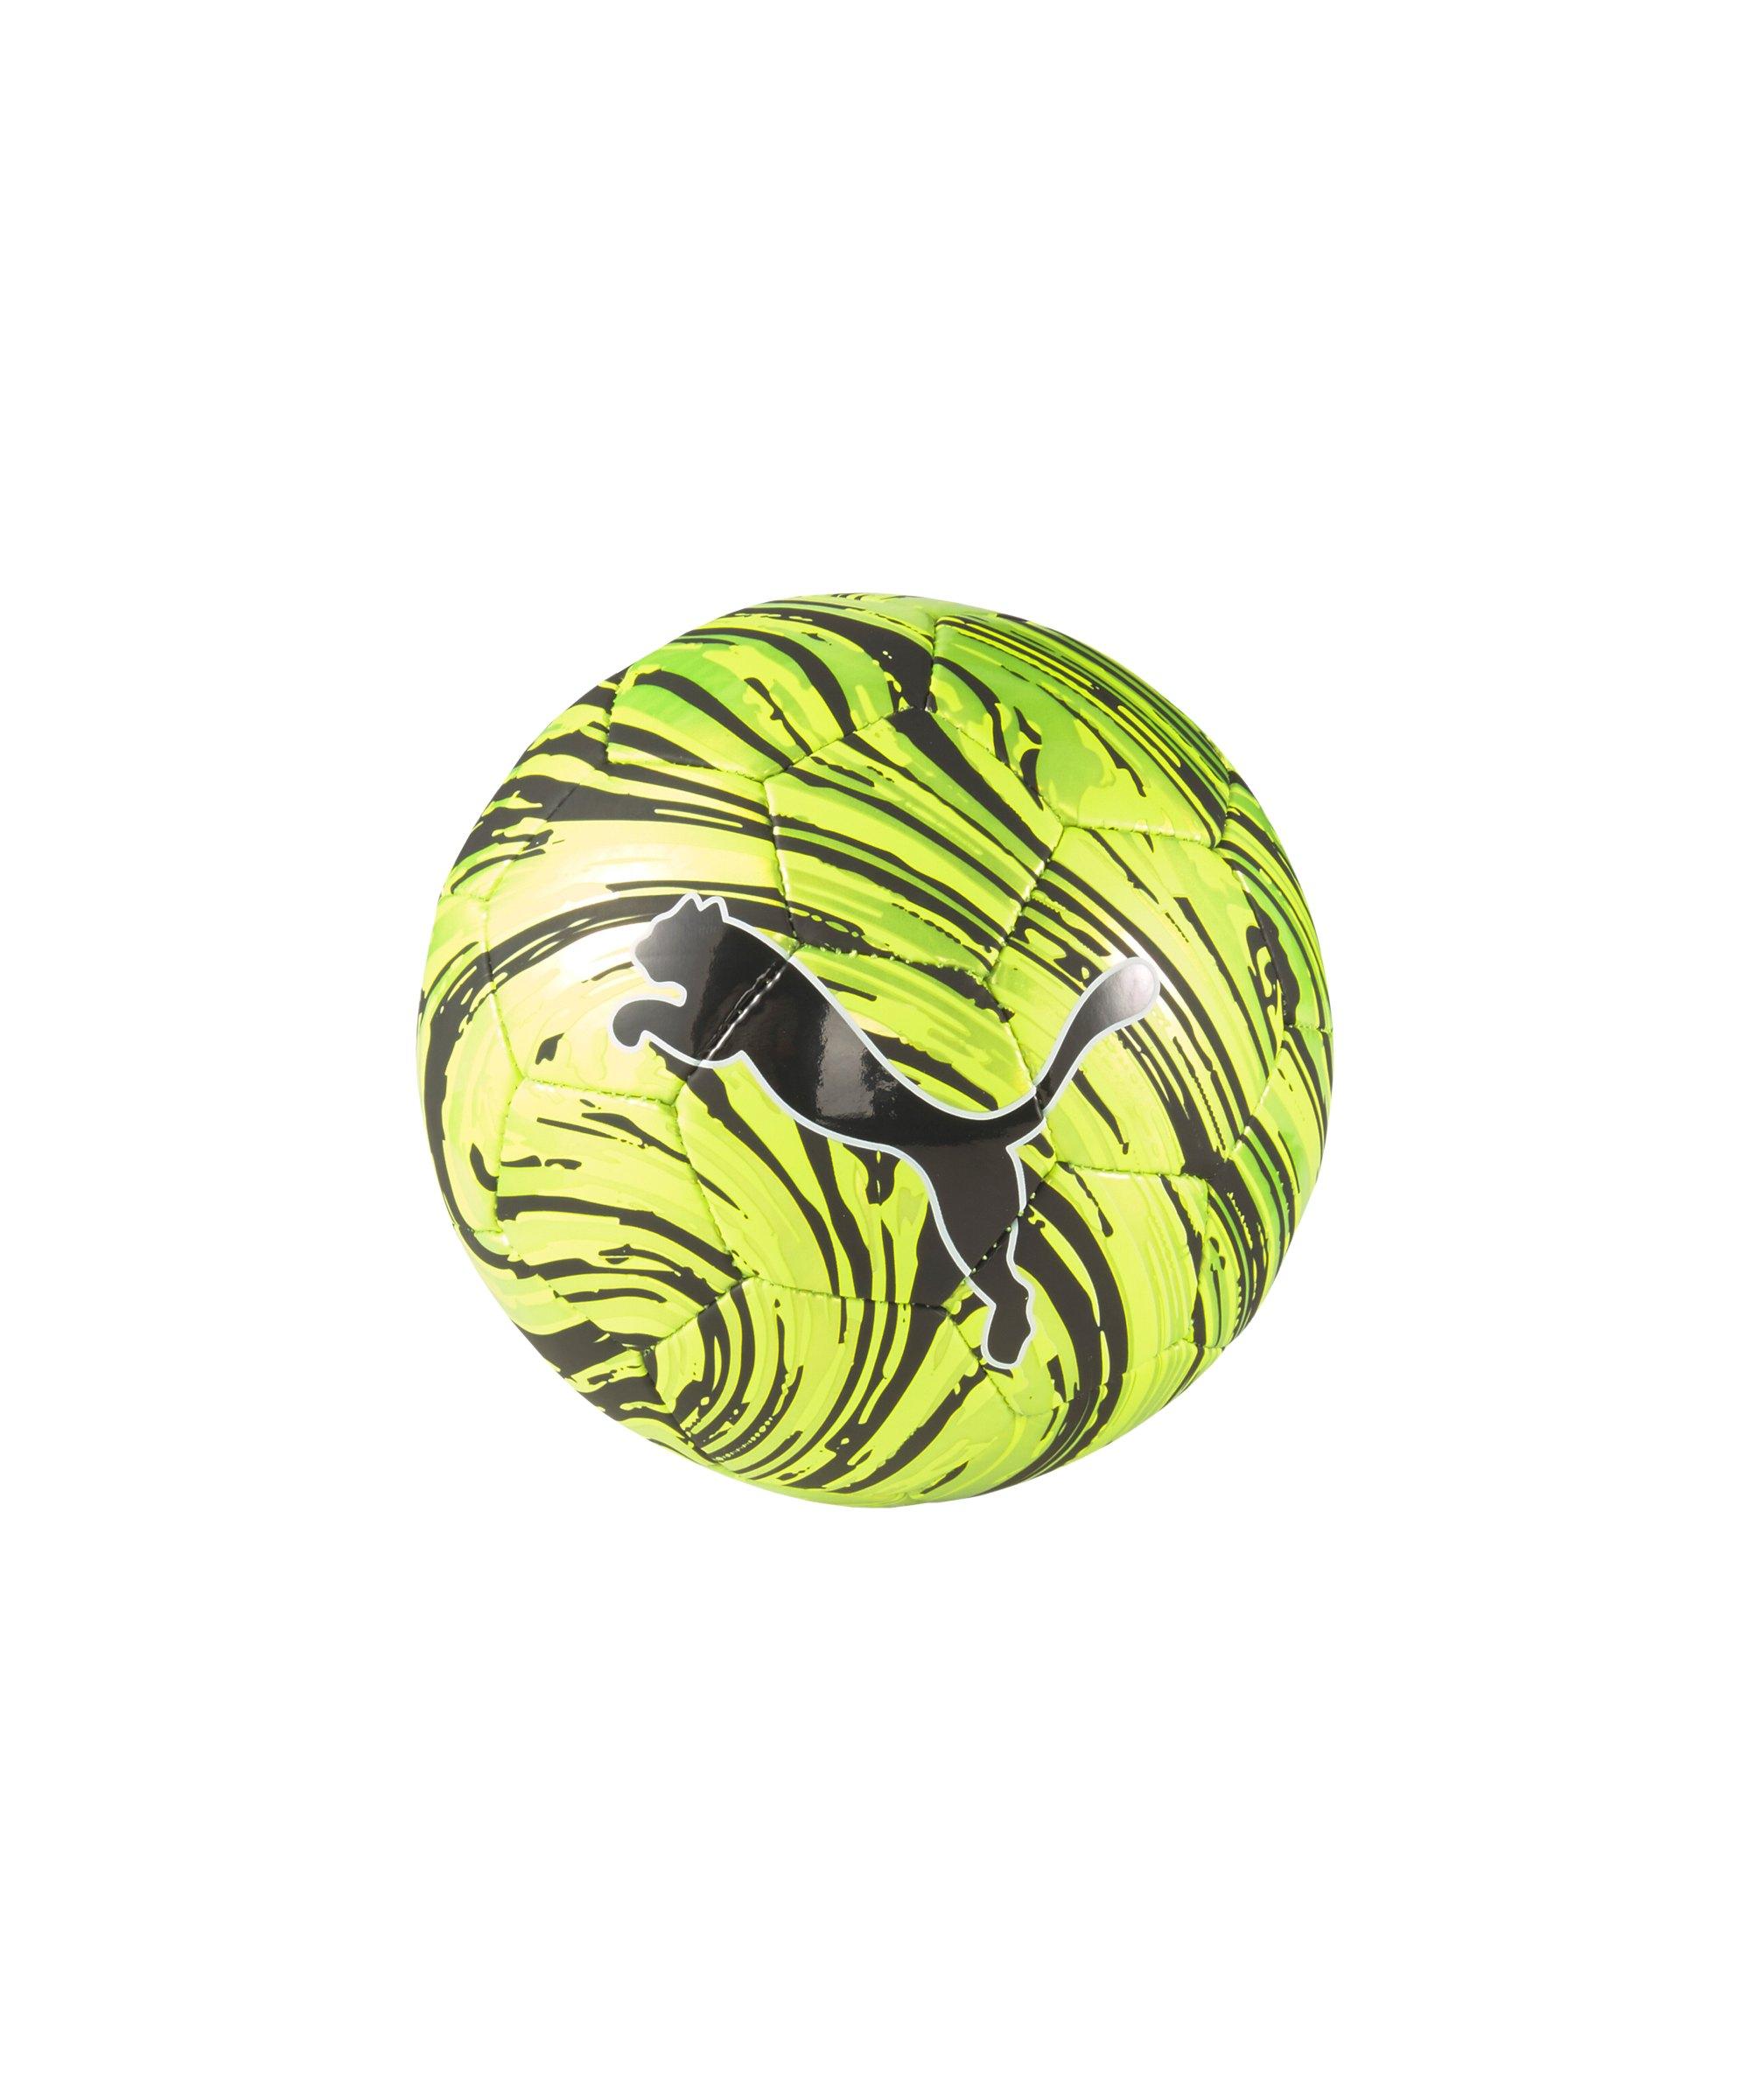 PUMA SHOCK Miniball Gelb Schwarz F02 - gelb